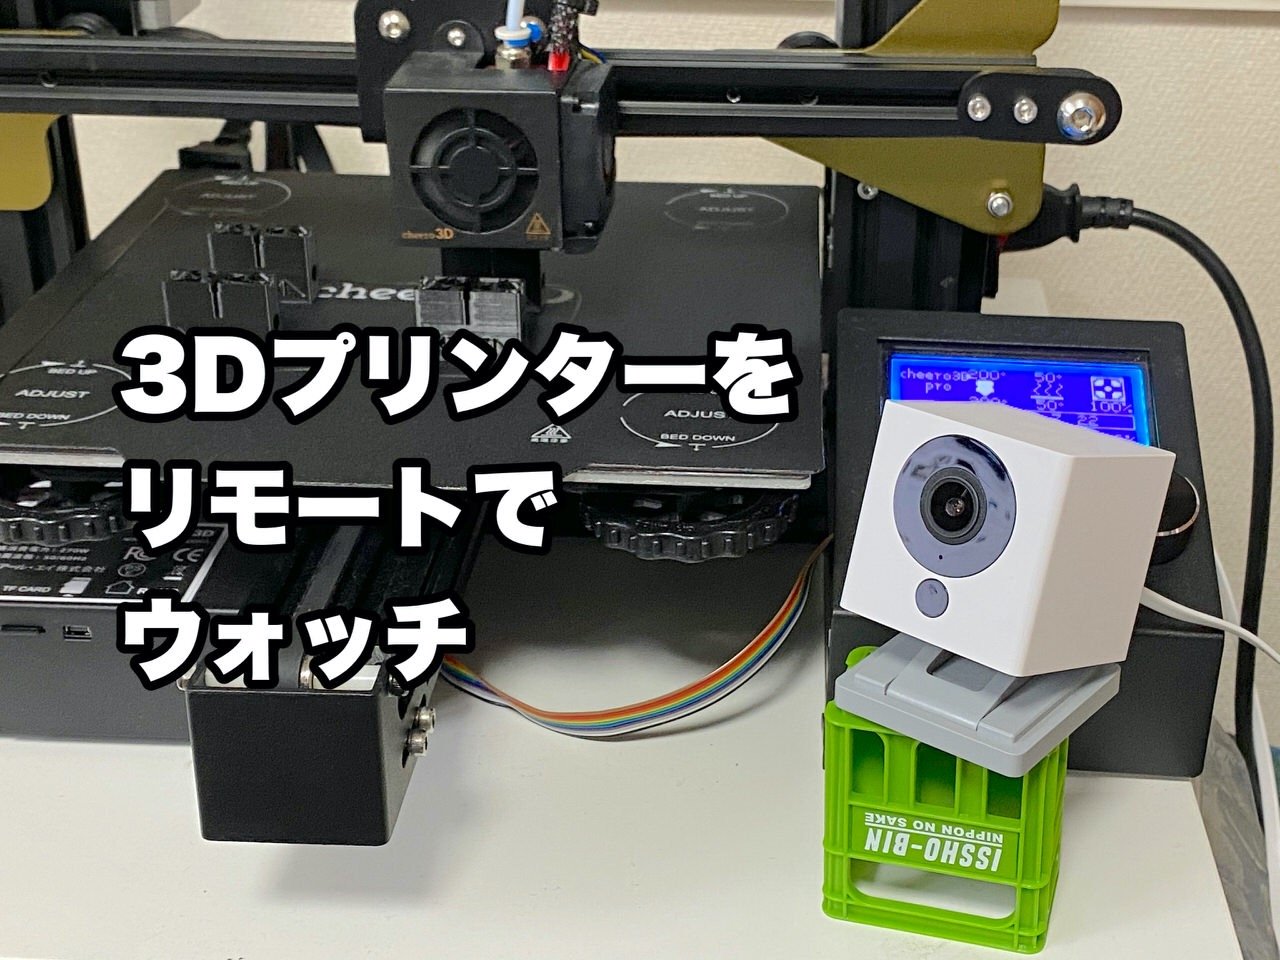 【3Dプリンター始めました】印刷の進捗をリモート確認するのにATOM Camが便利!ついでにスマートプラグで電源管理も便利!